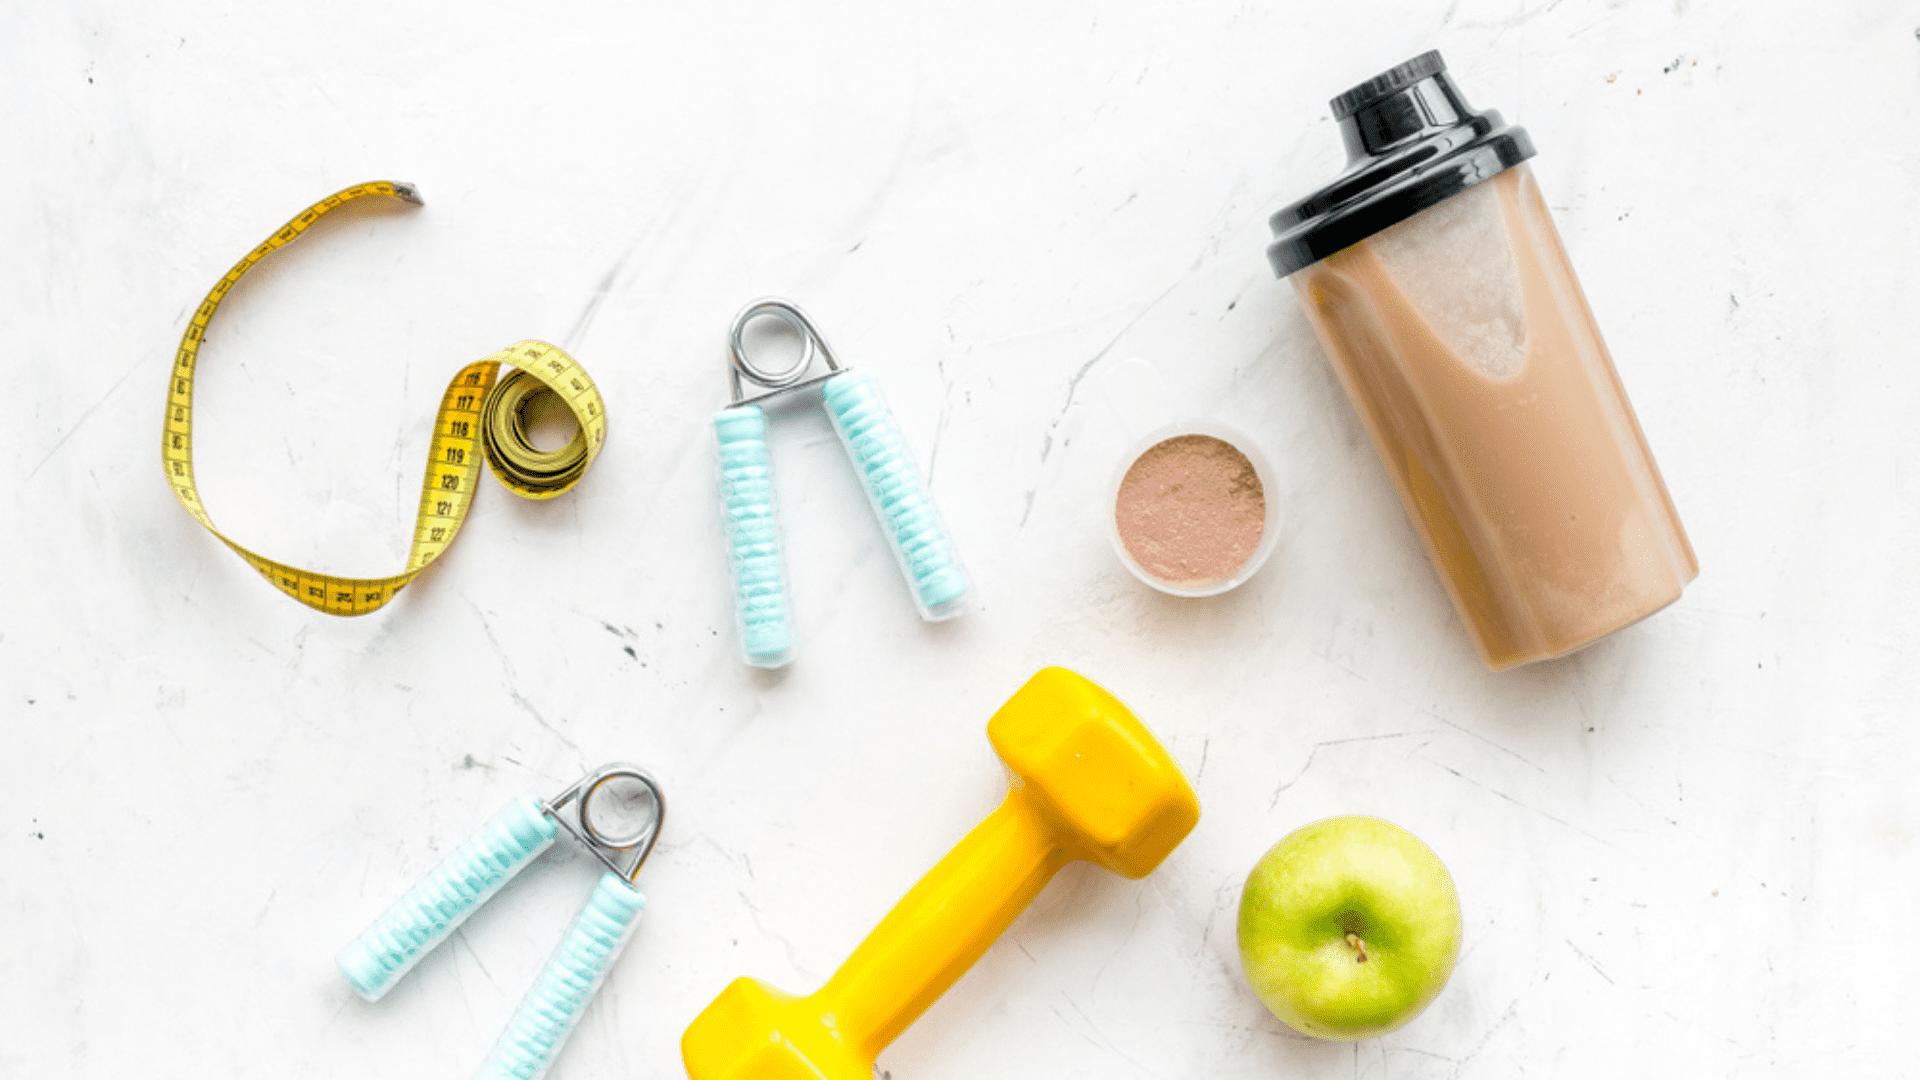 Os suplementos para engordar podem ser usados por conta do tipo físico (Imagem: Reprodução/Shutterstock)